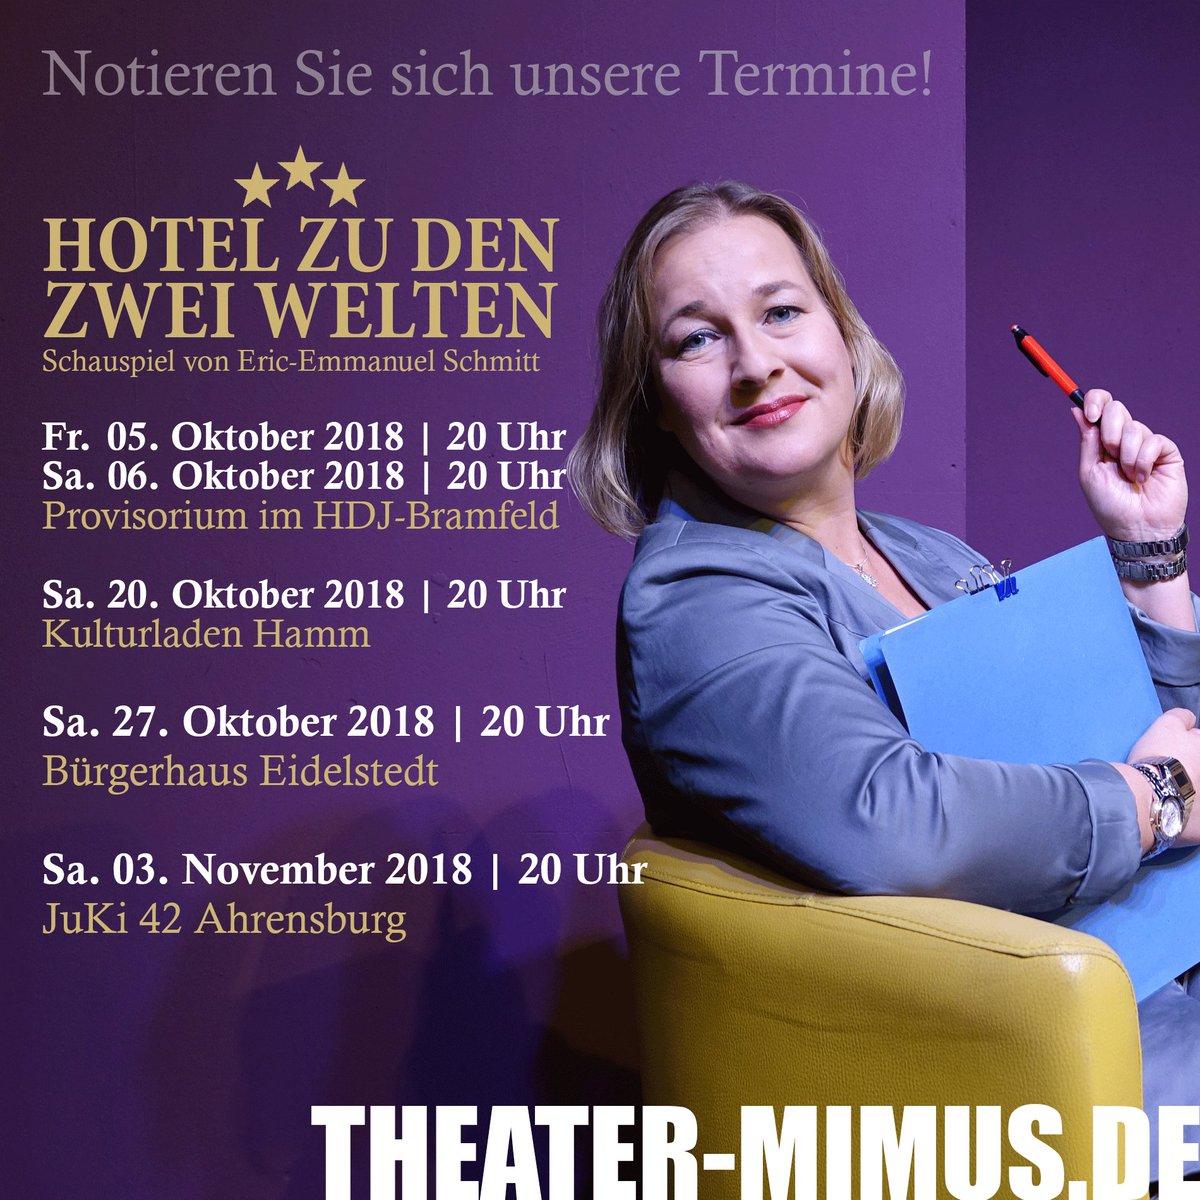 Termine, Termine, Termine! Habt ihr schon Karten, Karten, Karten? Alle Infos unter: http://www.theater-mimus.de | #theater #hamburg #ahrensburg #hamm #eidelstedt #schauspiel #ericemmanuelschmitt #hotelzudenzweiwelten #esgibtnochkartenpic.twitter.com/q7d4zWbnl4